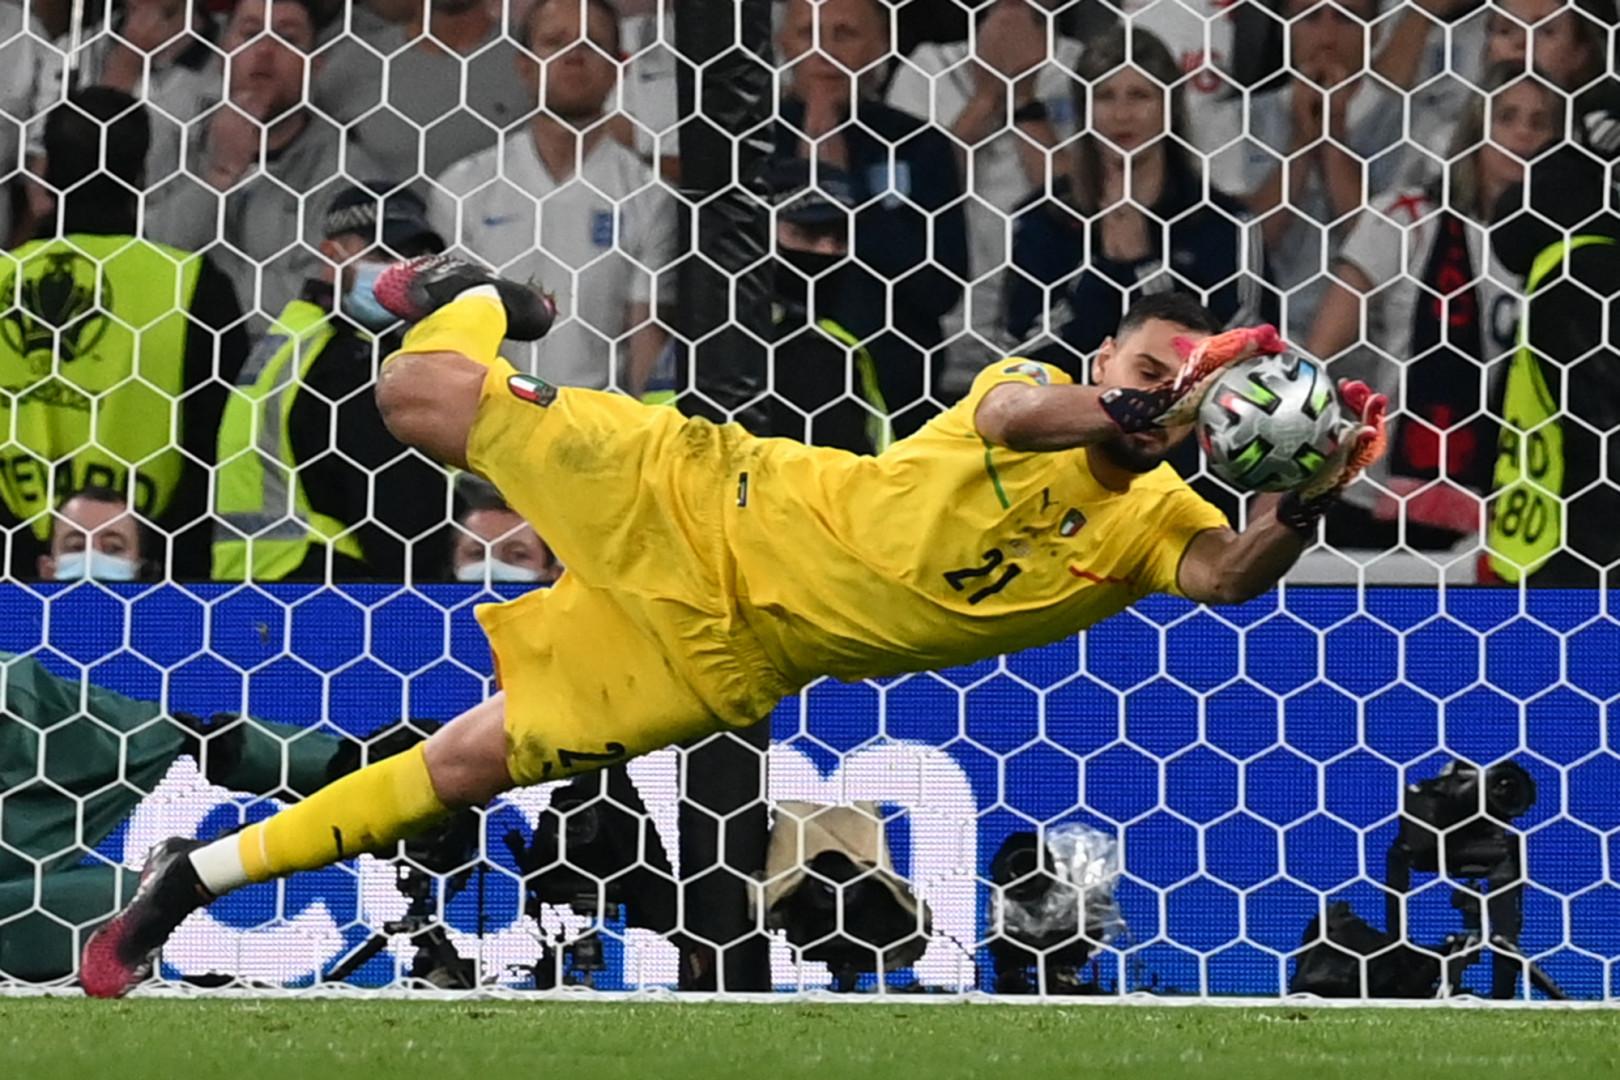 Gianluigi Donnarumma arrête le tir au but de Sancho en finale de l'Euro à Wembley le 11 juillet 2021